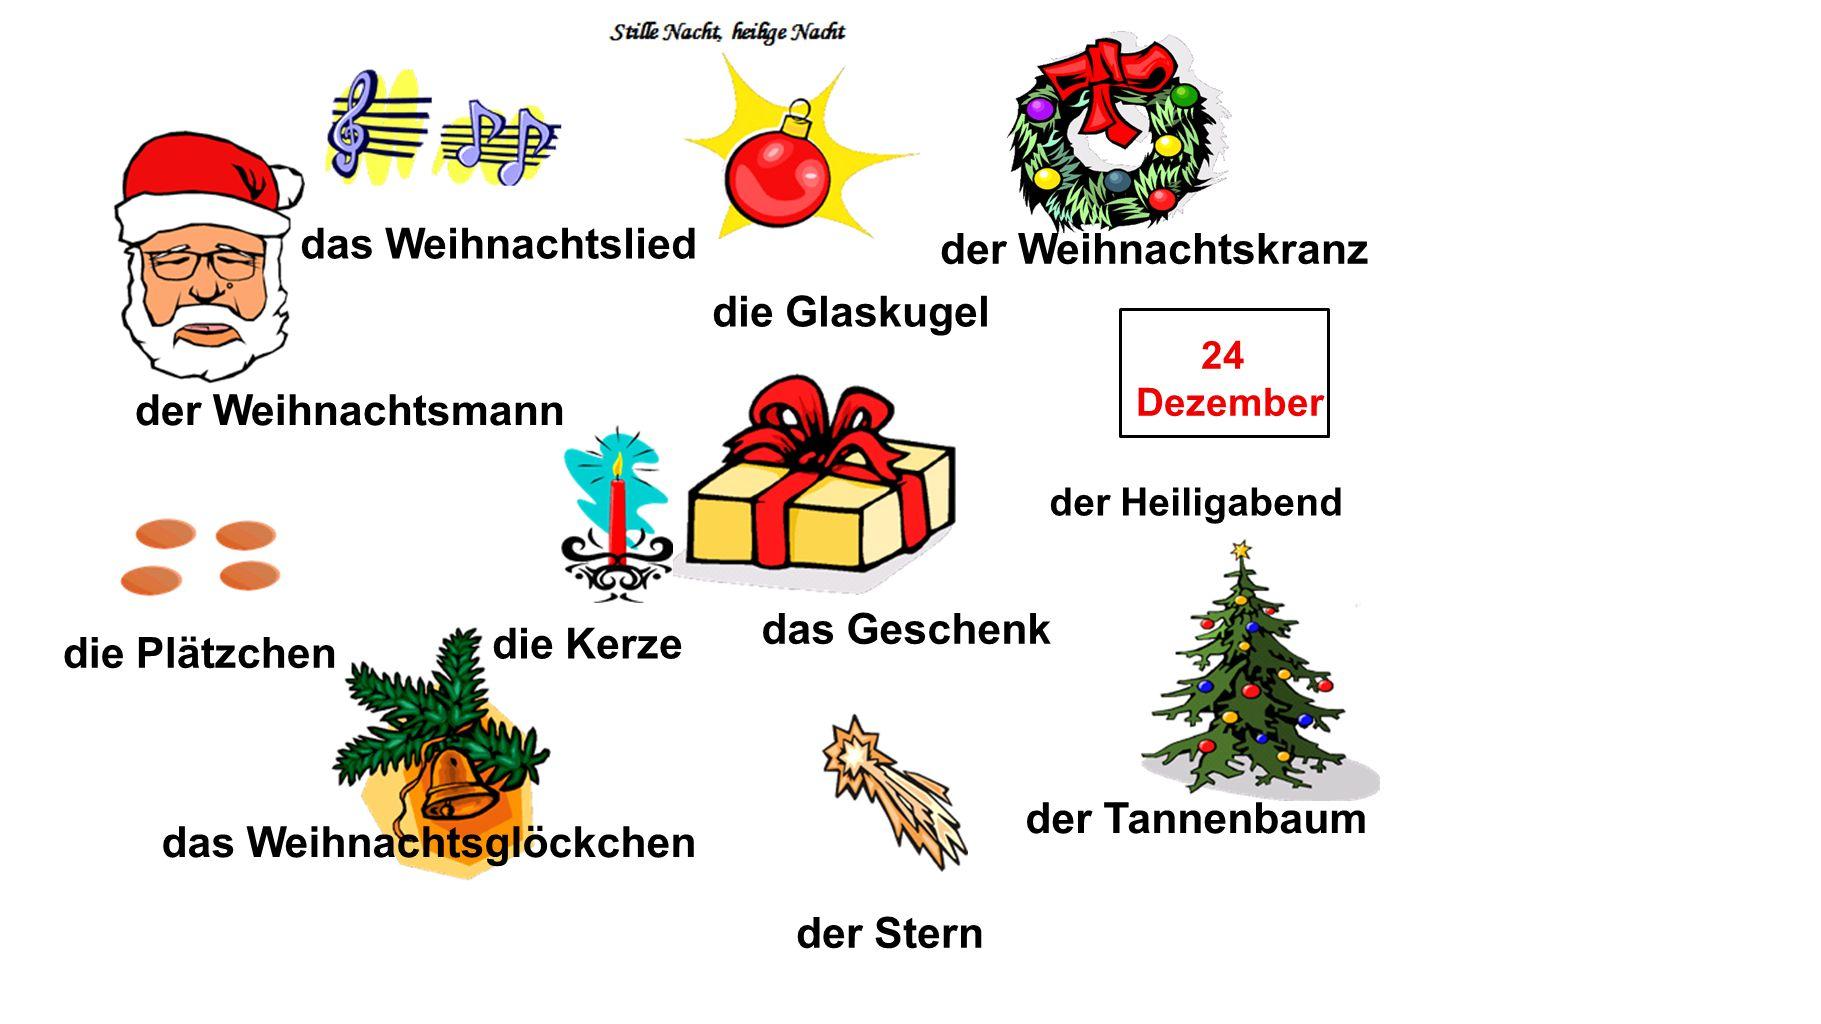 Das ist der letzte Tag der Adventszeit (24.Dezember).